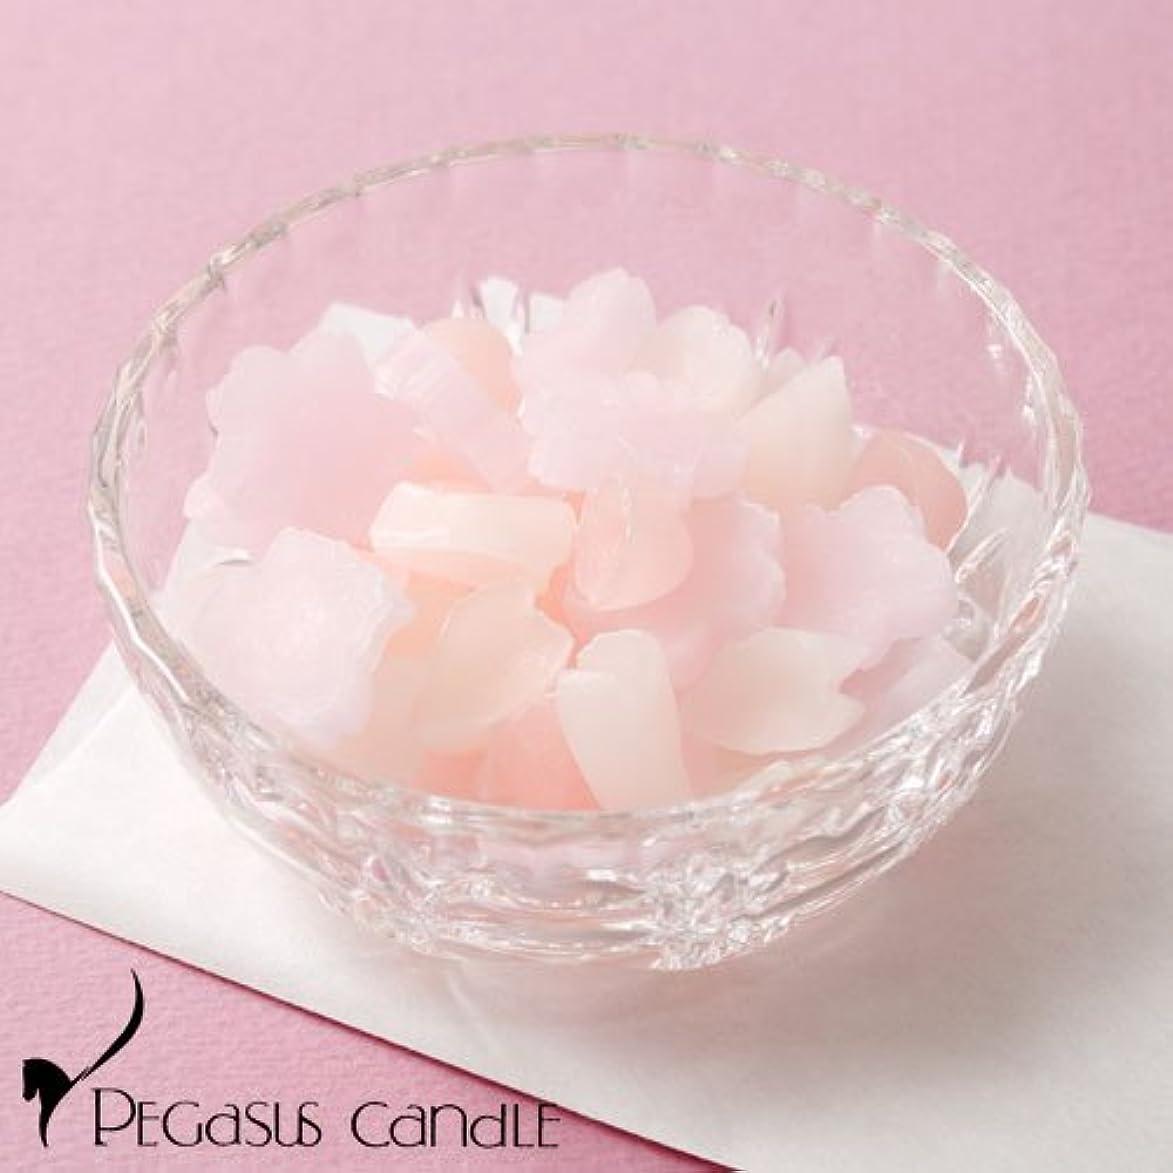 アンペア課す致命的さくらのかおりガラス器付きの桜の芳香剤ペガサスキャンドルSakura fragrance